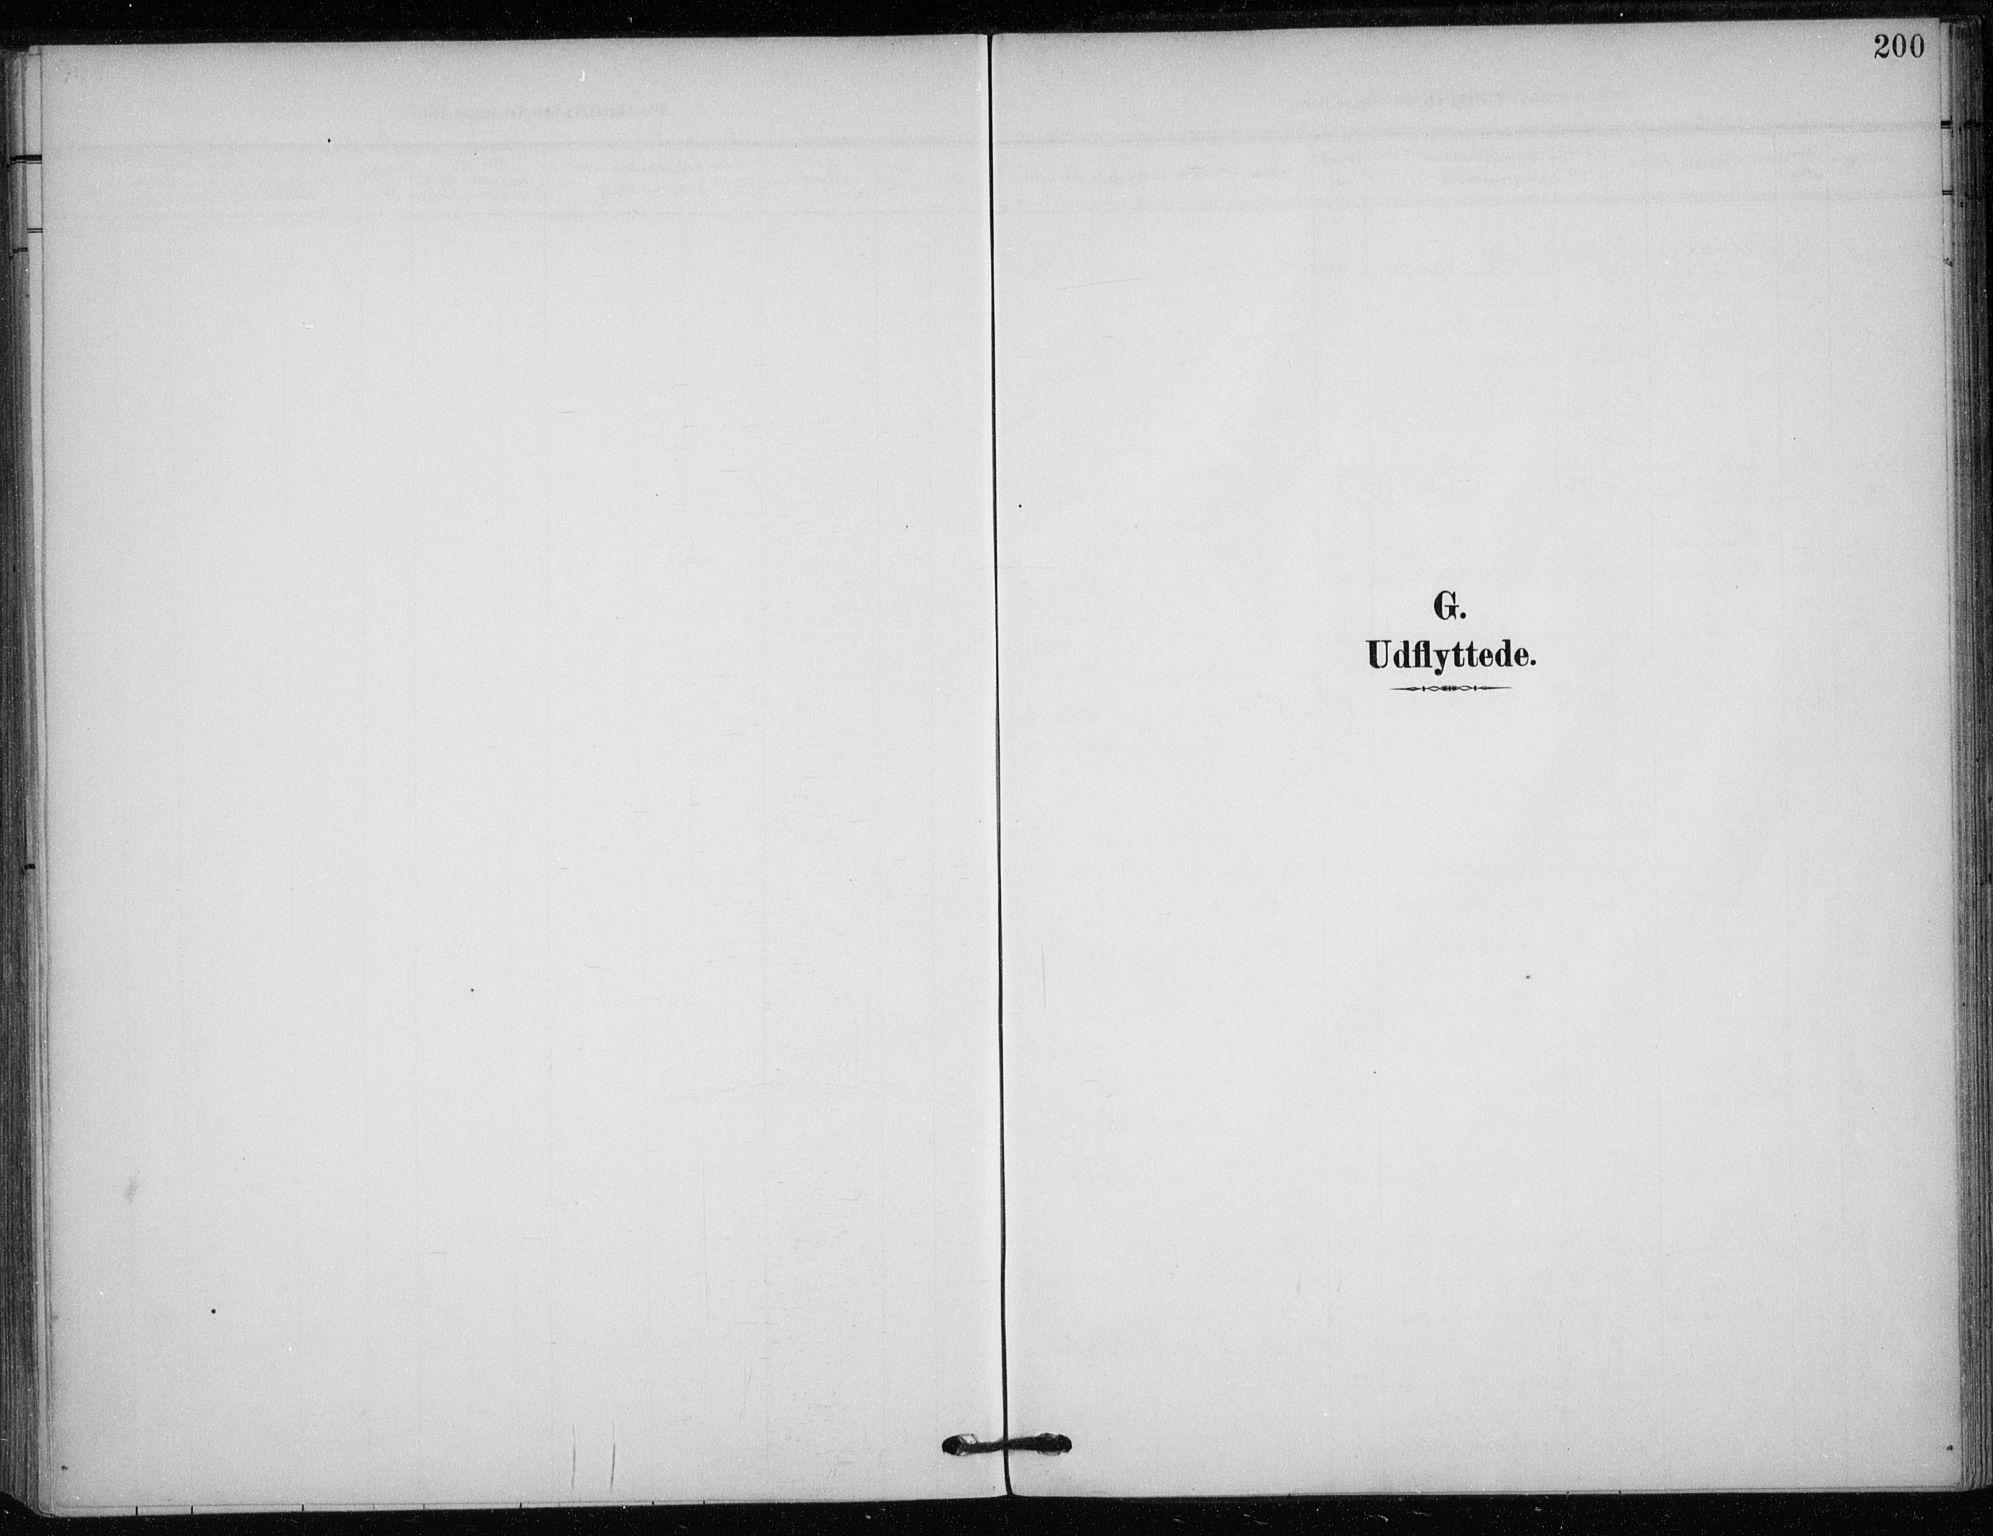 SATØ, Hammerfest sokneprestkontor, H/Ha/L0014.kirke: Ministerialbok nr. 14, 1906-1916, s. 200